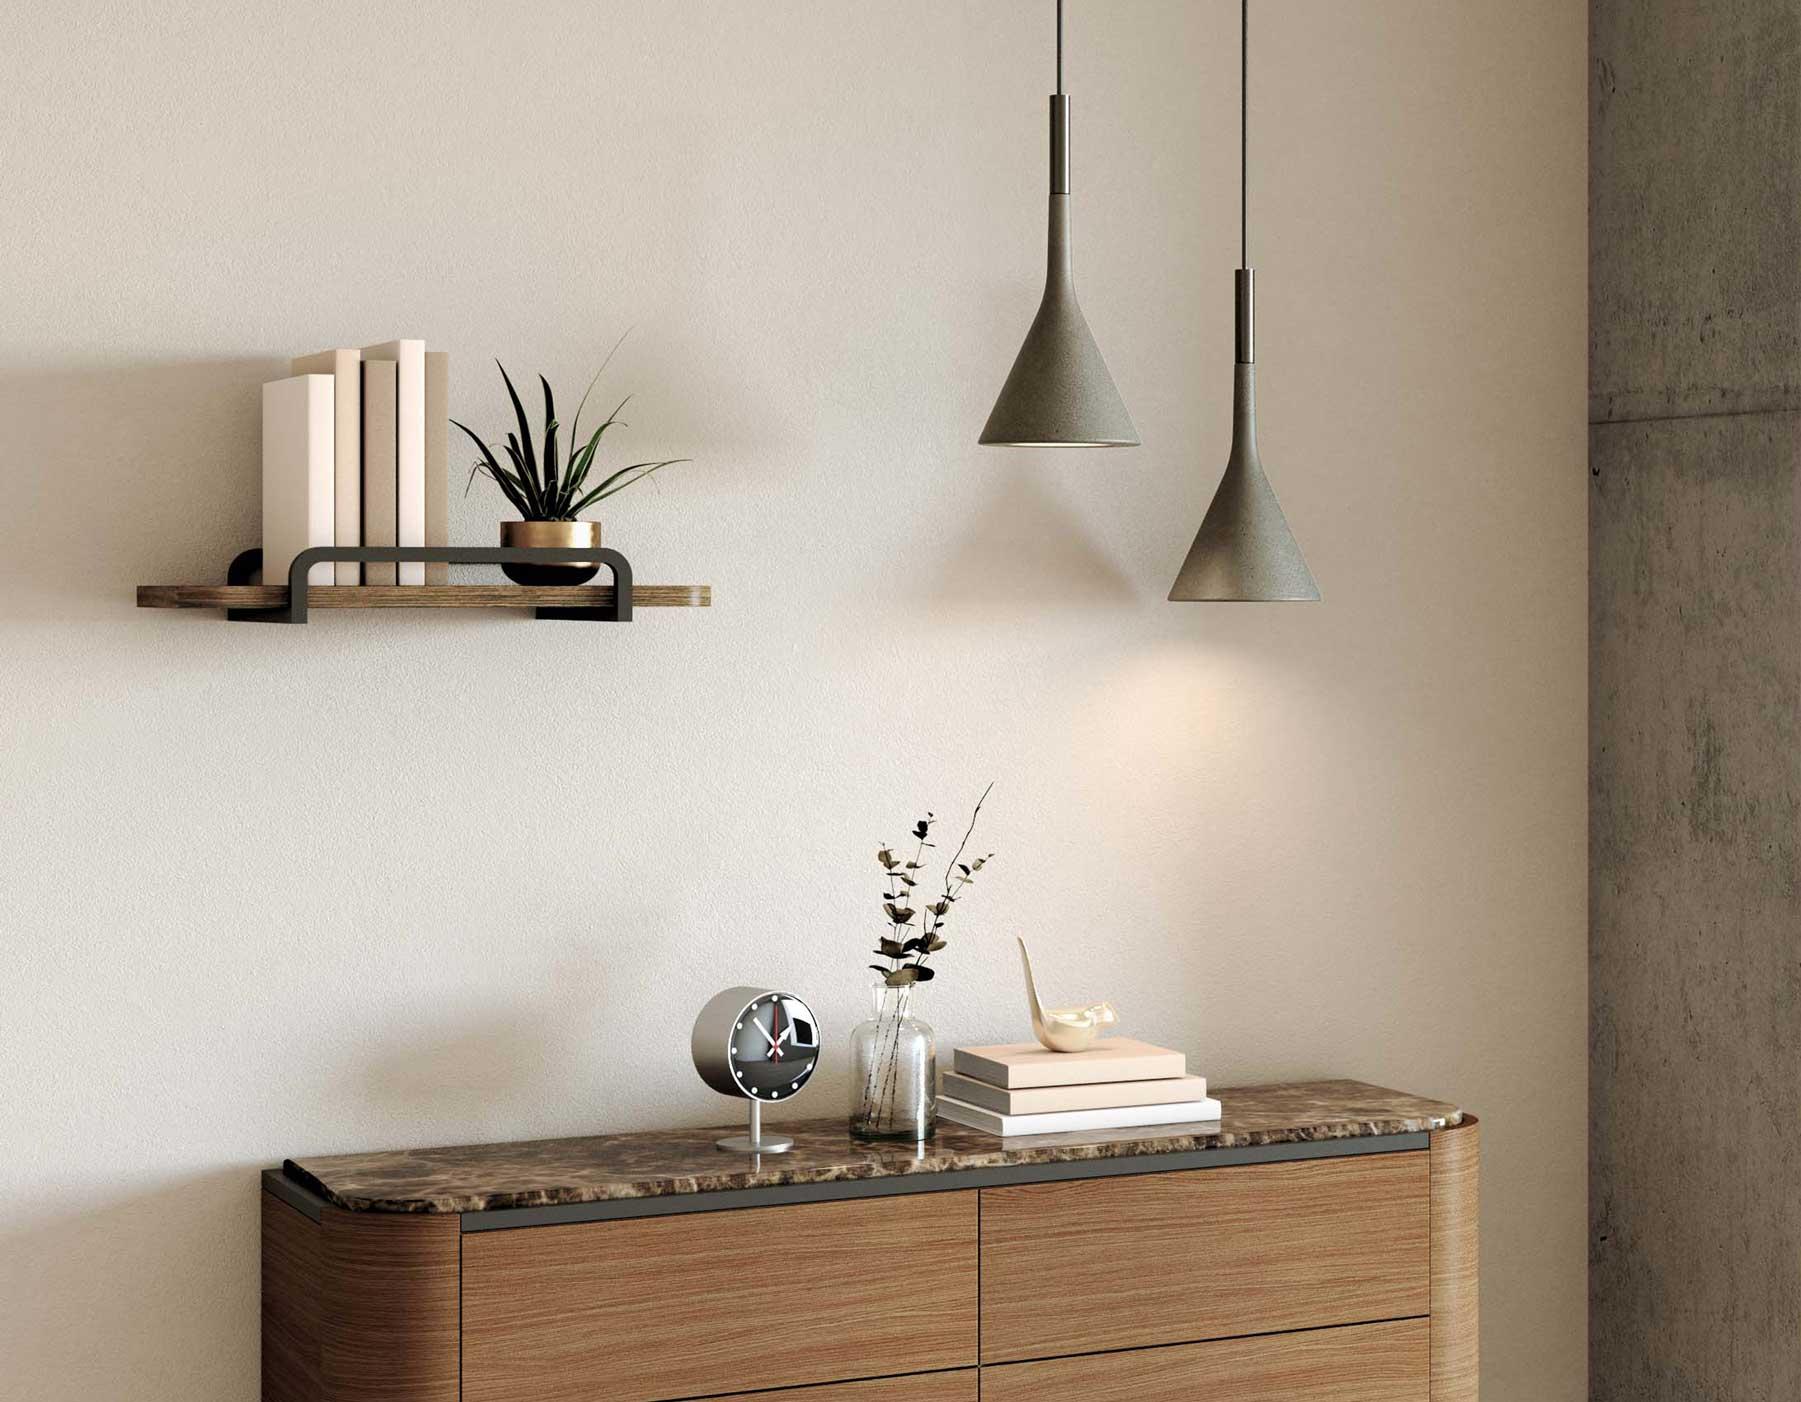 Adara shelves: Art and subtlety in design